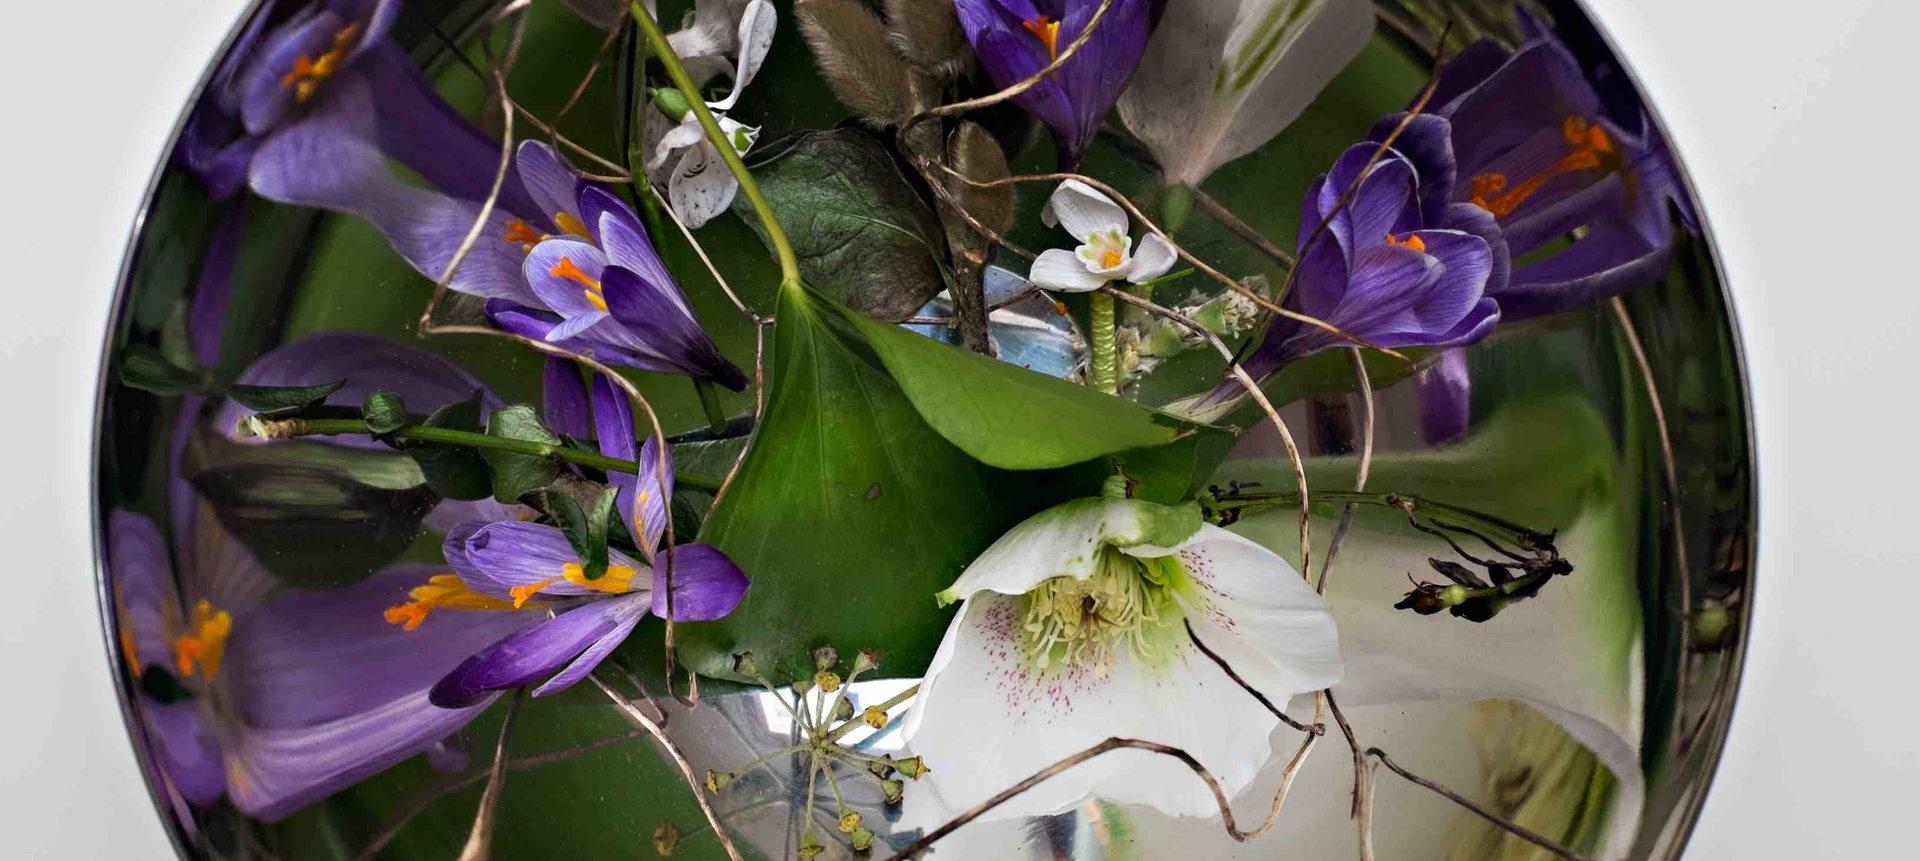 spring seasonsphere